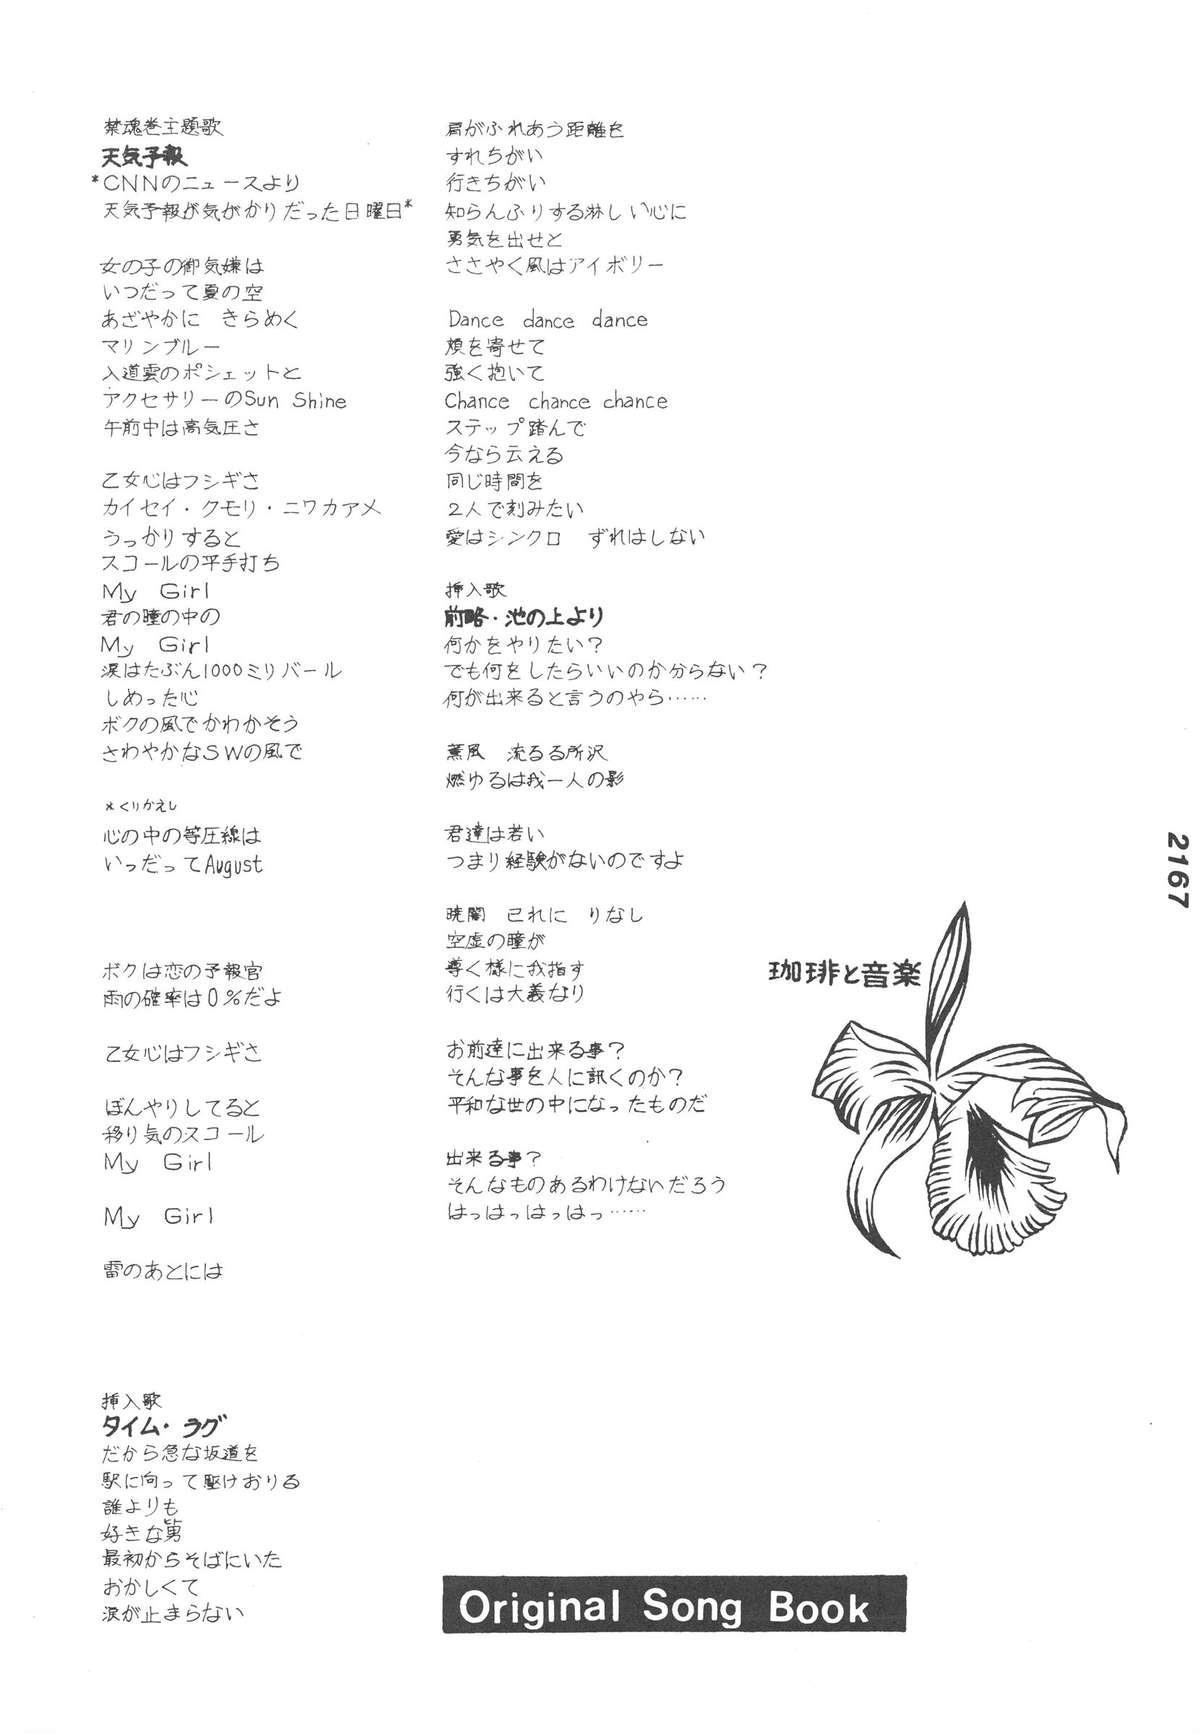 KINKONKAN:3 7